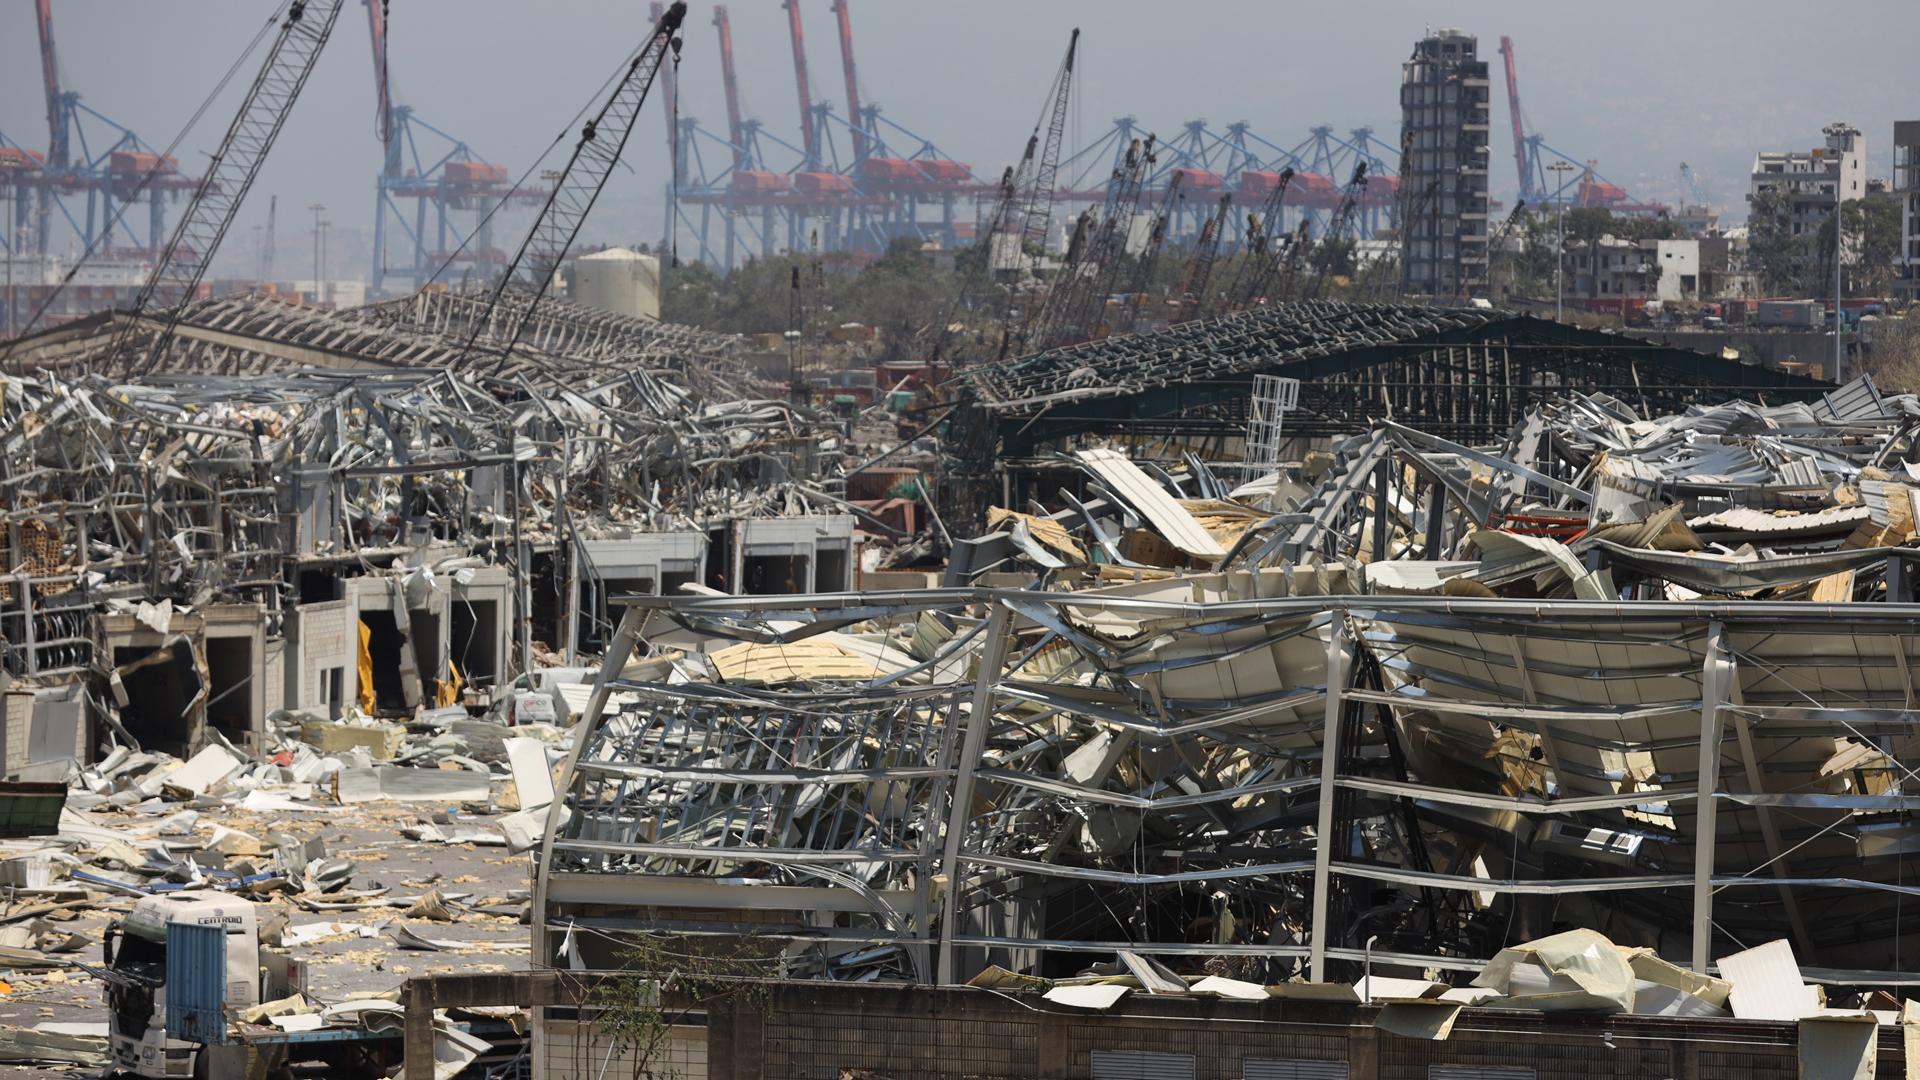 ¡Apoyo! Gobierno de México aportará 100 mil dólares a Beirut tras explosión